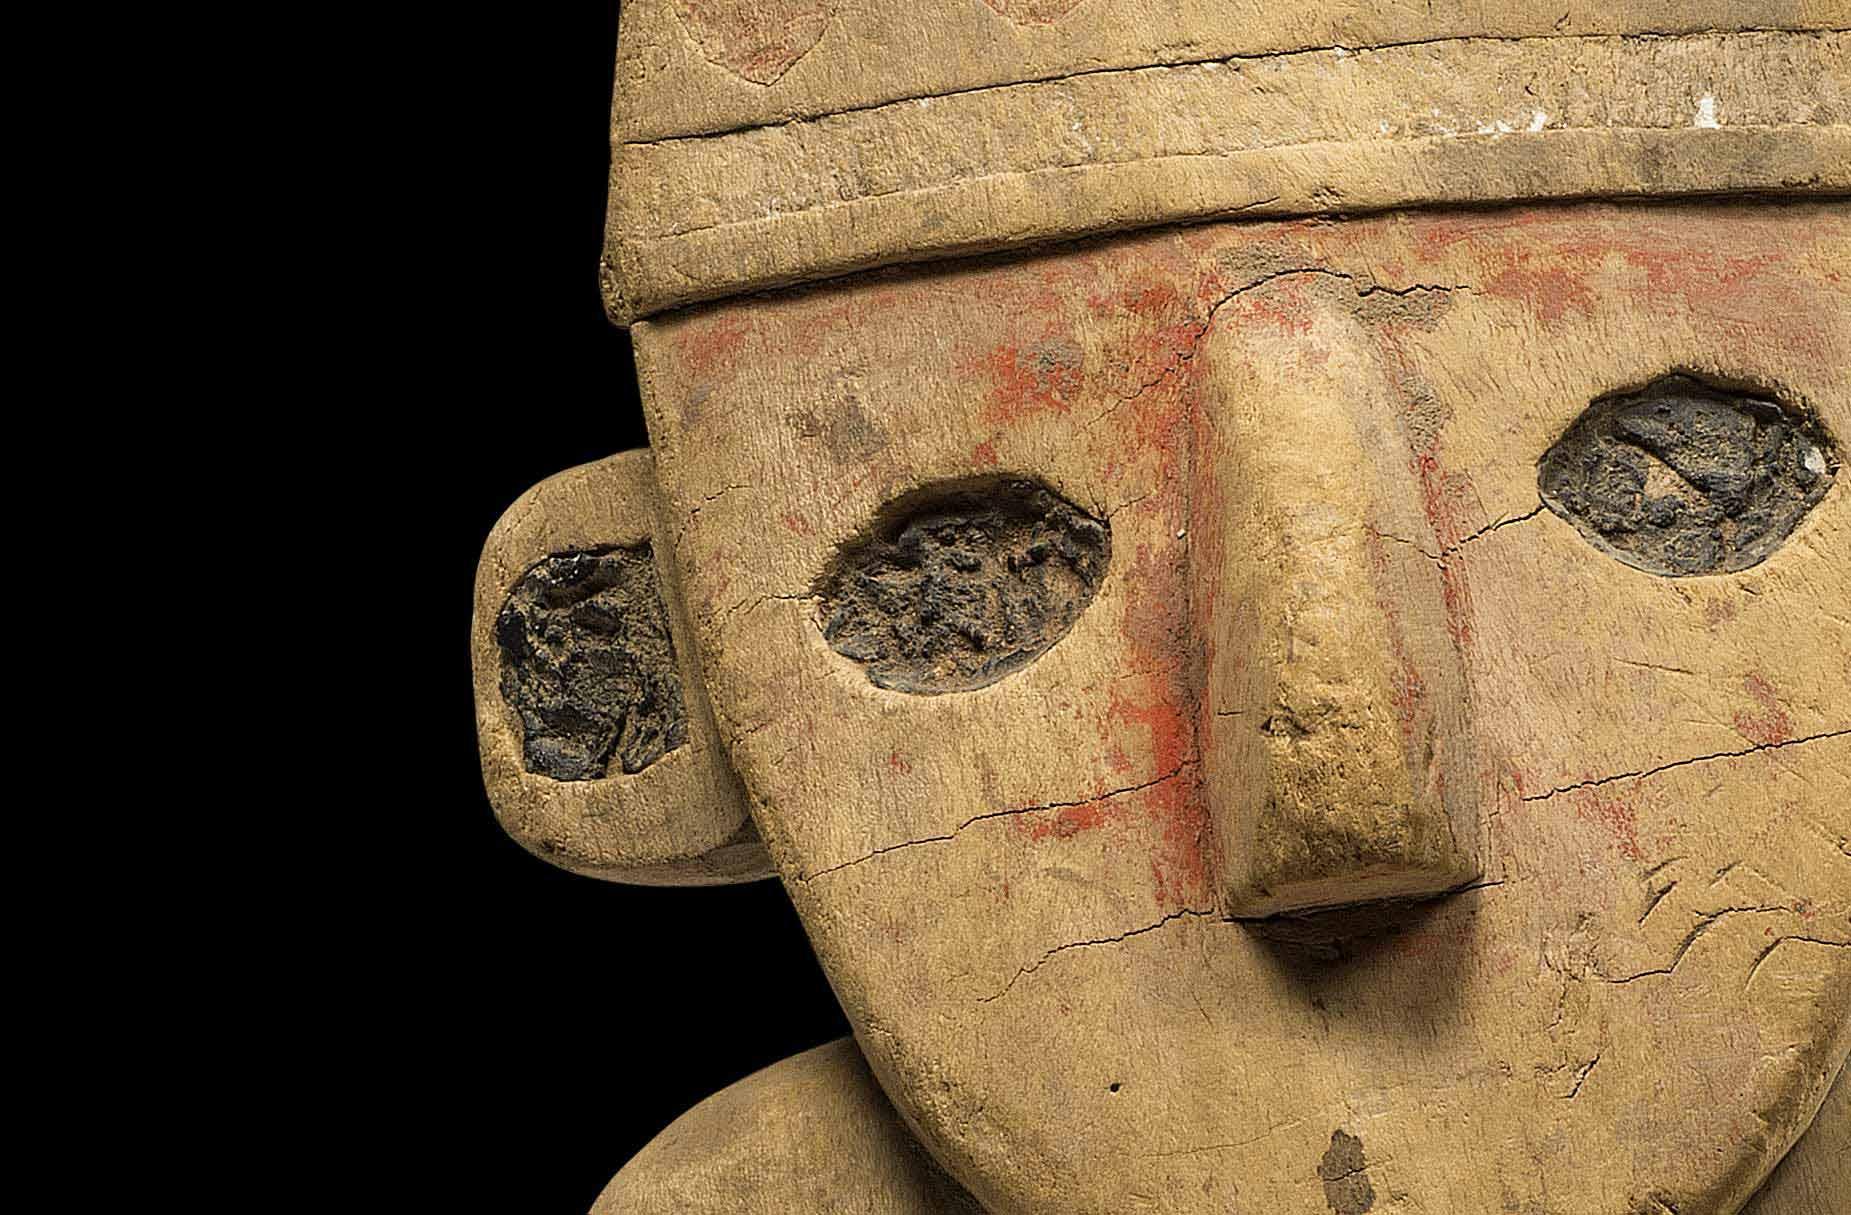 Een houten beeldje waarvan de rechtervoet en rechterhand ontbreken. De ogen, oren en nagels van handen en voeten zijn zwart geschilderd